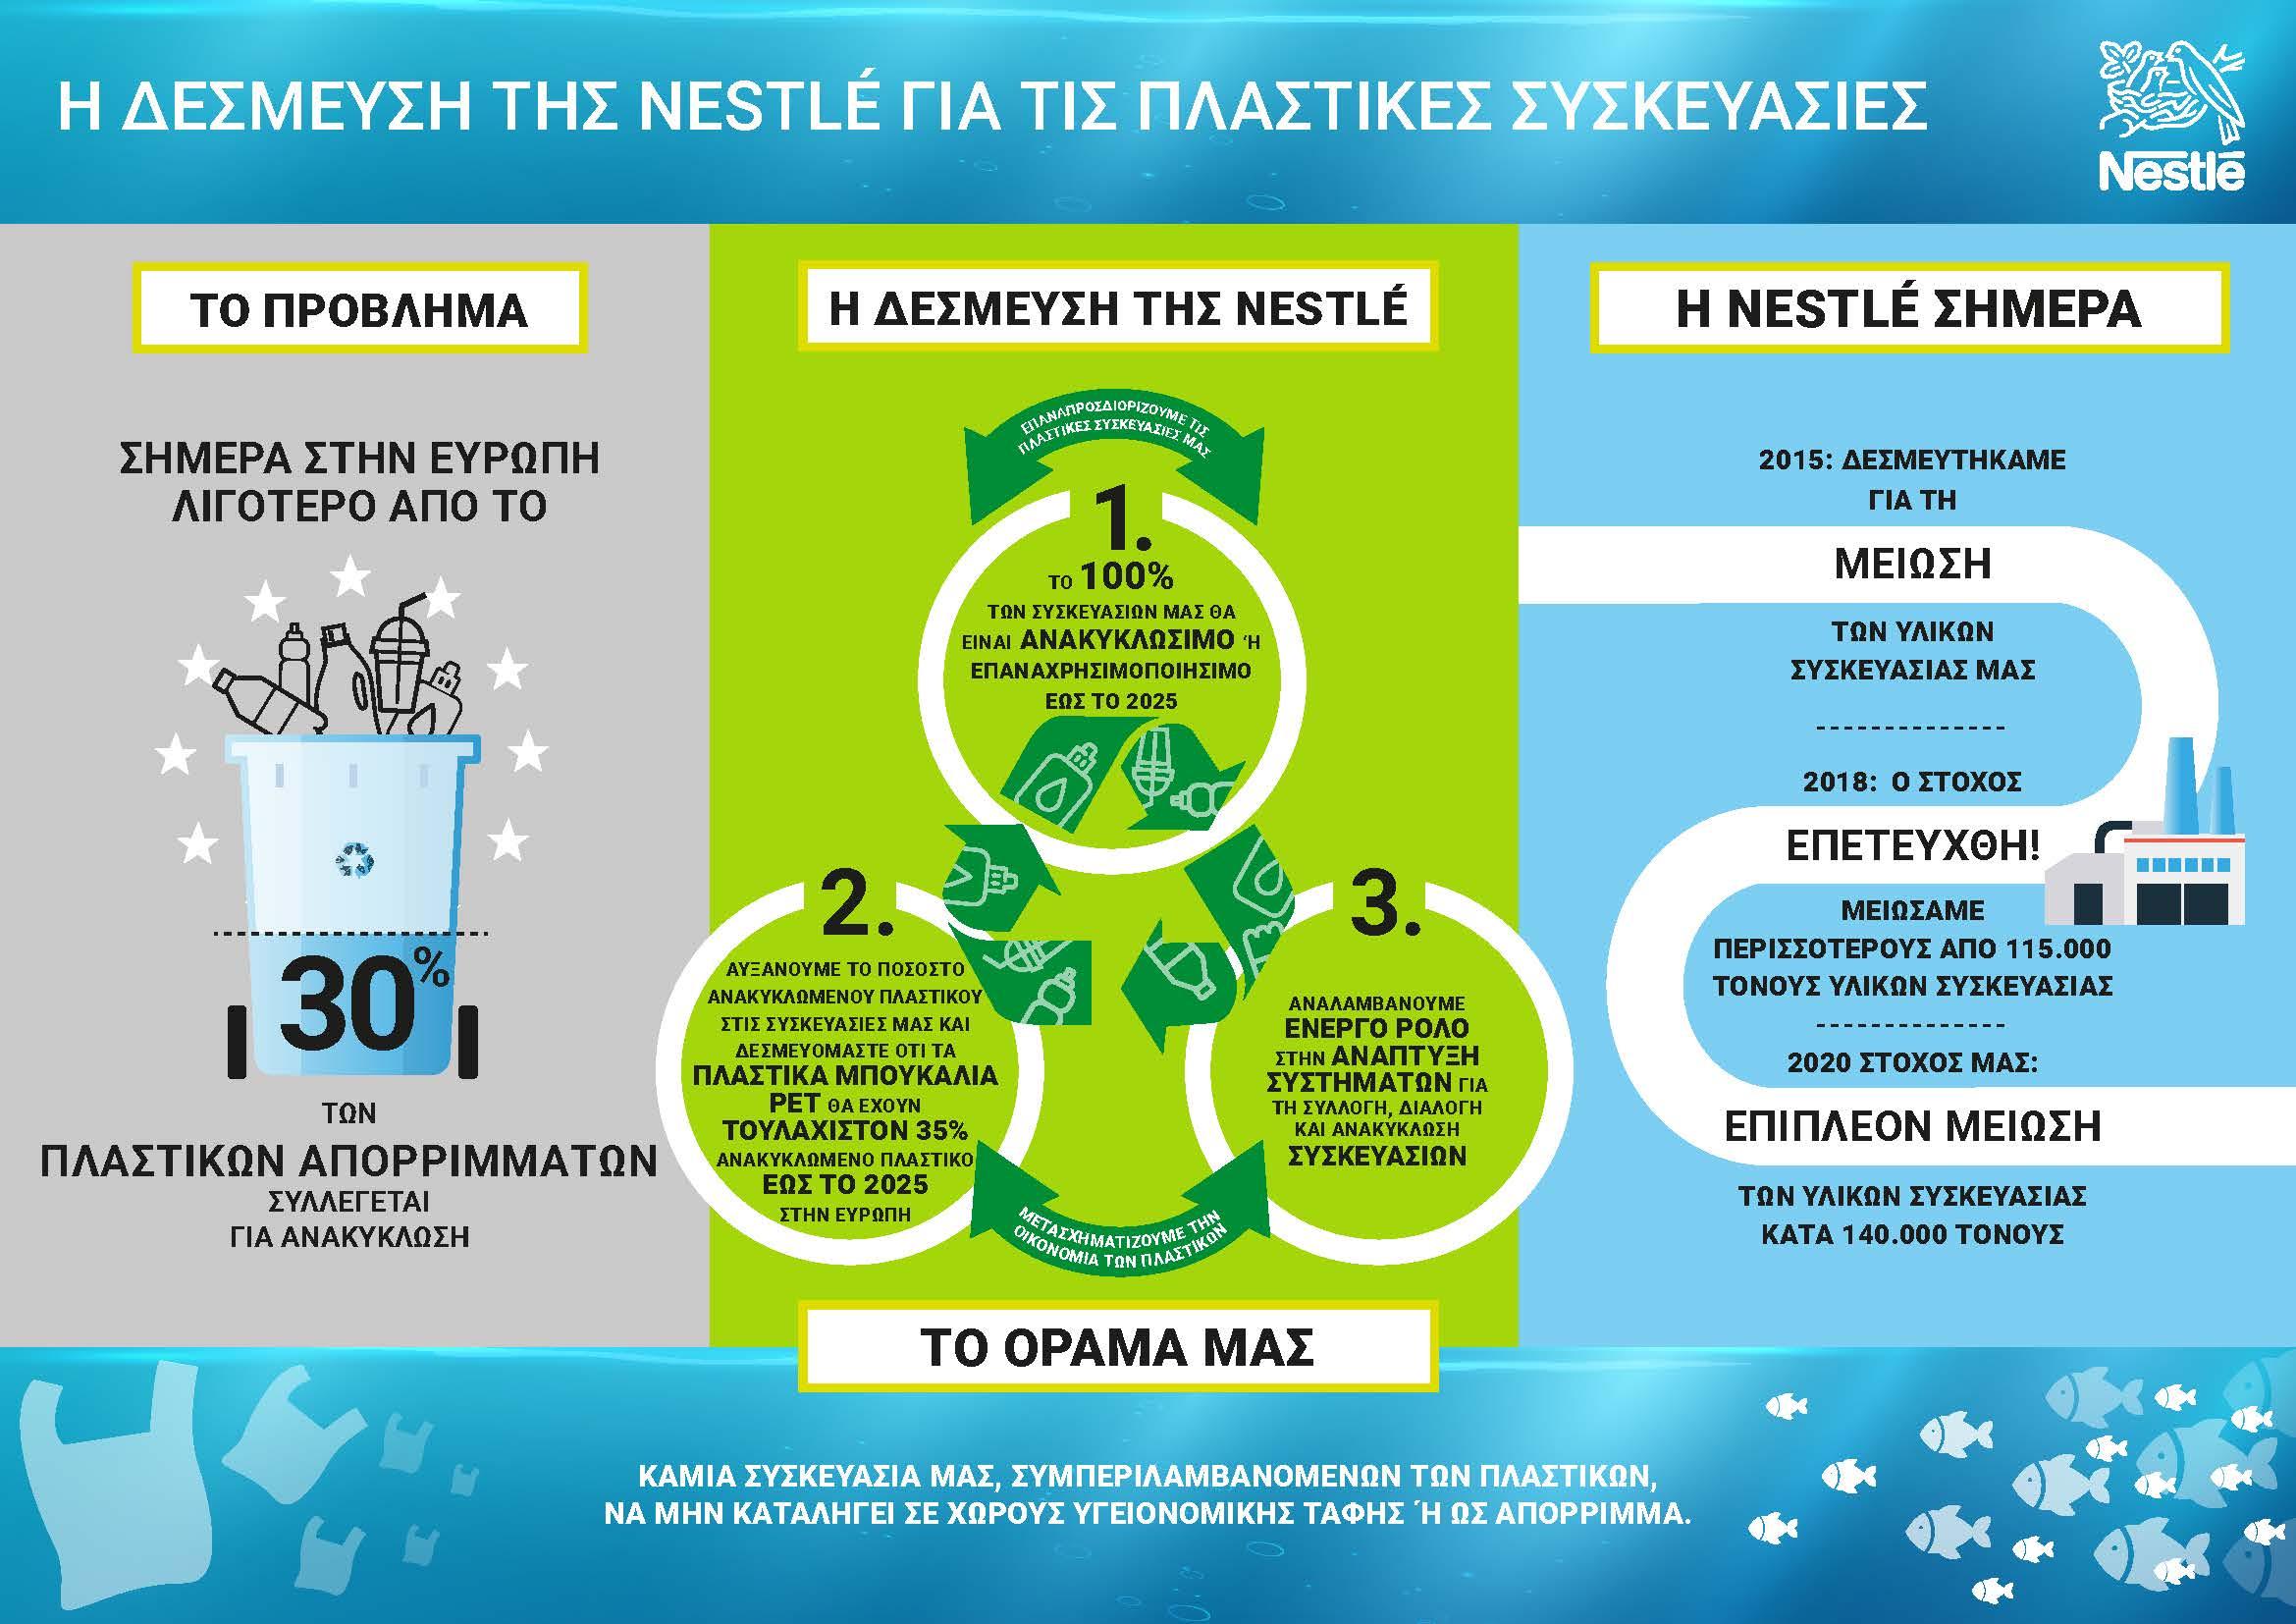 nestle infographic 2